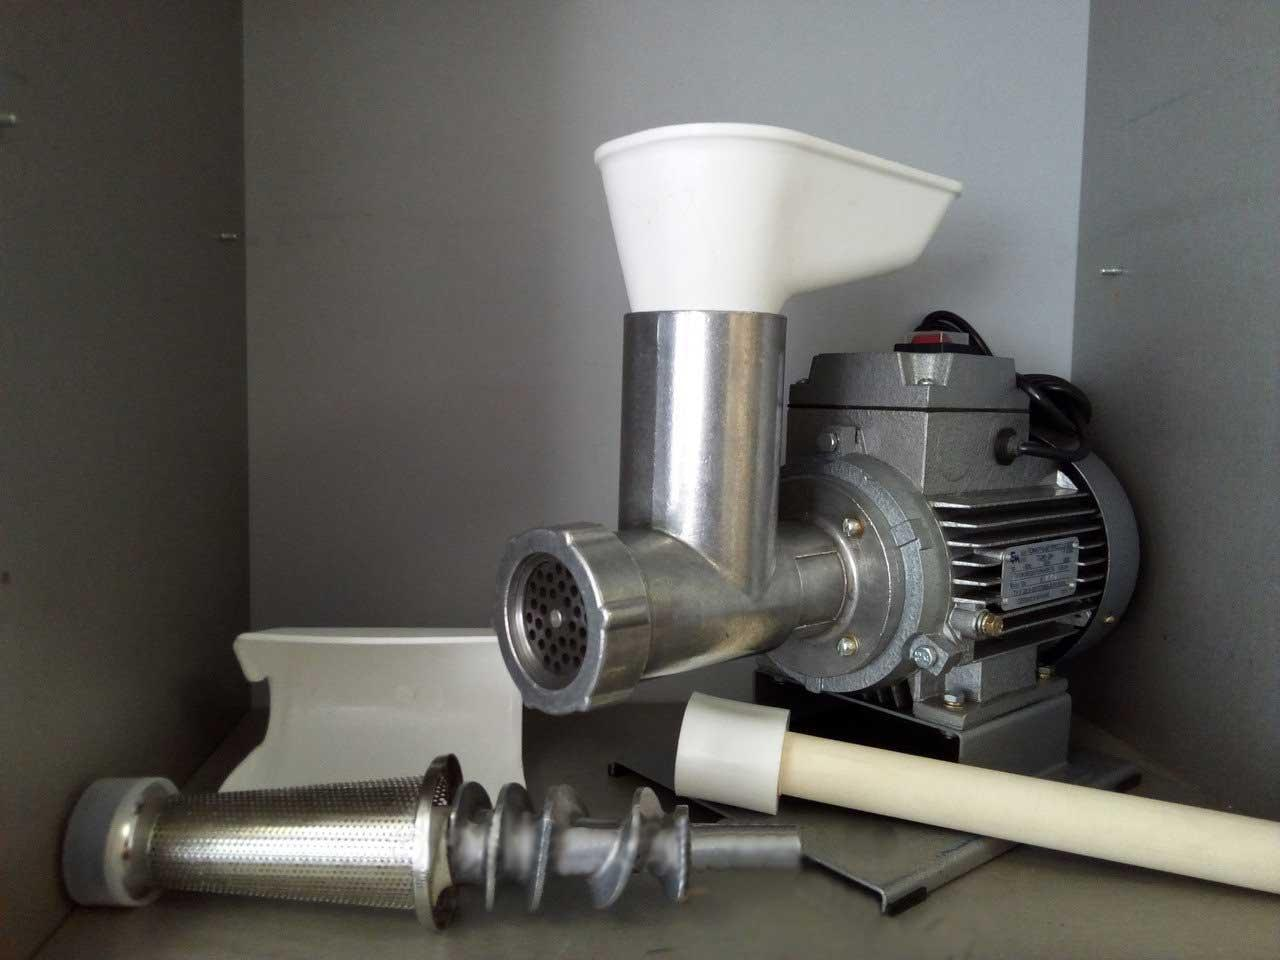 Пресс для отжима сока ТШМ-2М +мясорубка универсальный электрический(Полтава)